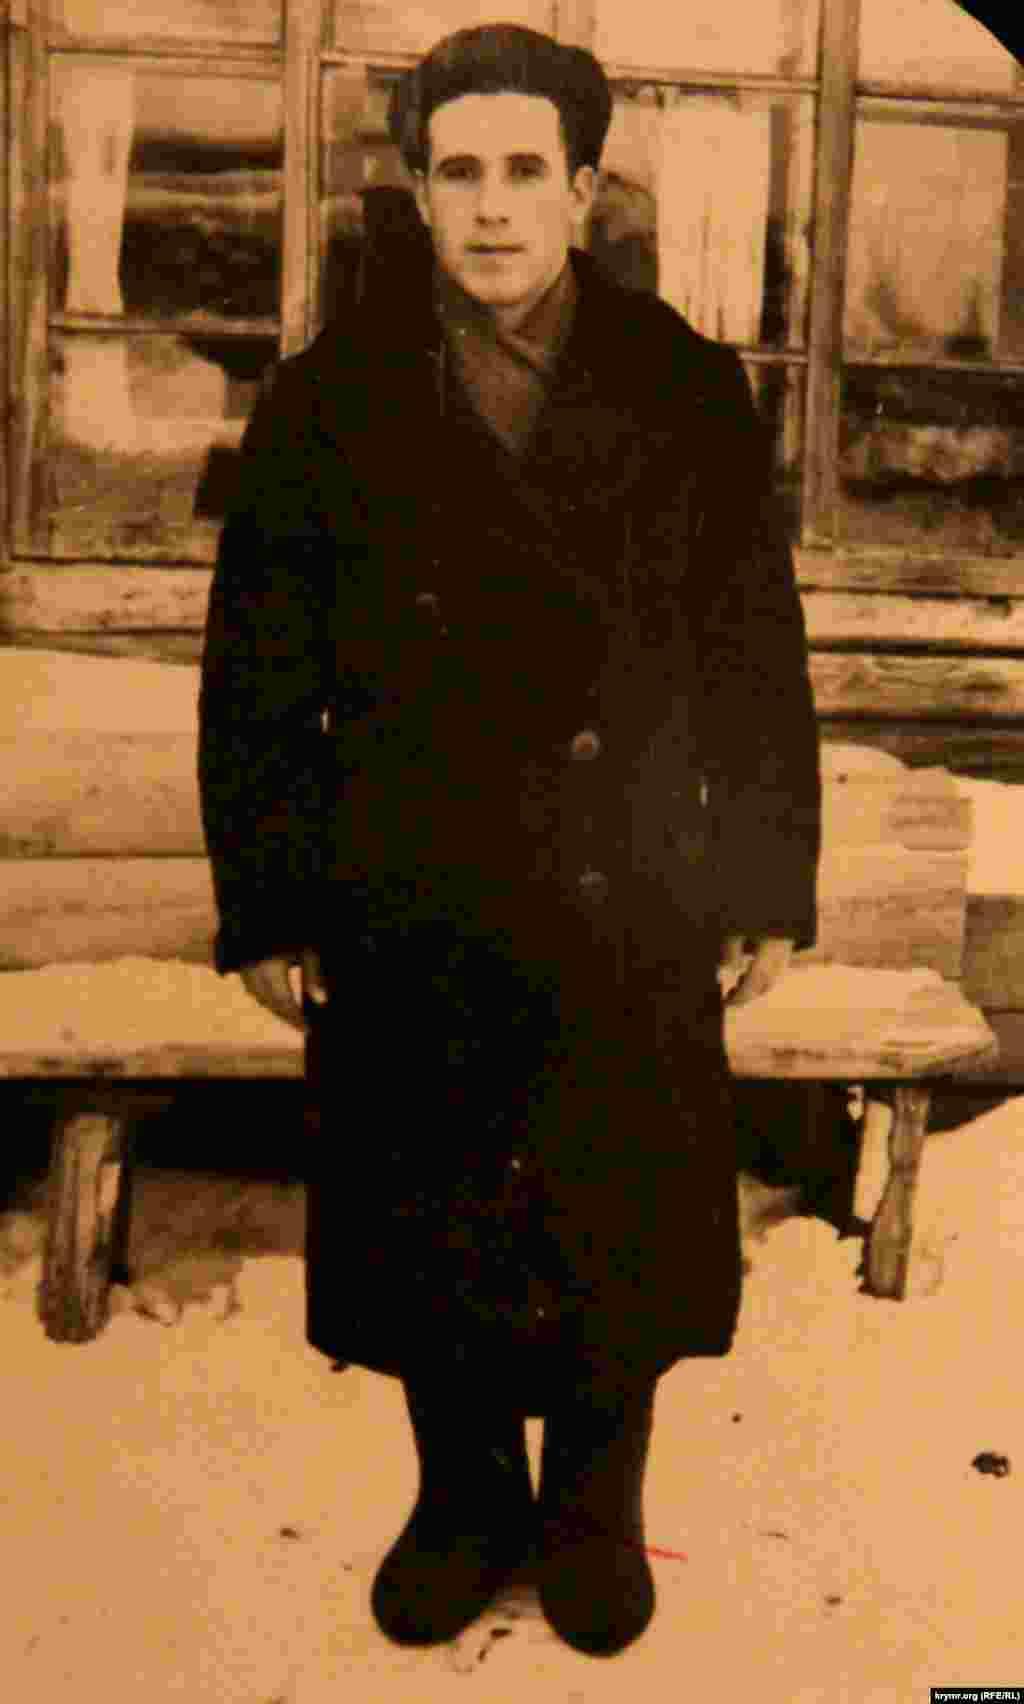 Життя в депортації було нелегким –малолітні діти разом із немічними старими і жінками валили ліс, працювали на лісопильних. Спочатку за тарілку супу і окраєць хліба, потім почали платити. Але якщо іншим платили 100 рублів, то кримським татарам –30. На фото Мустафа Кадиров під час депортації на Уралі